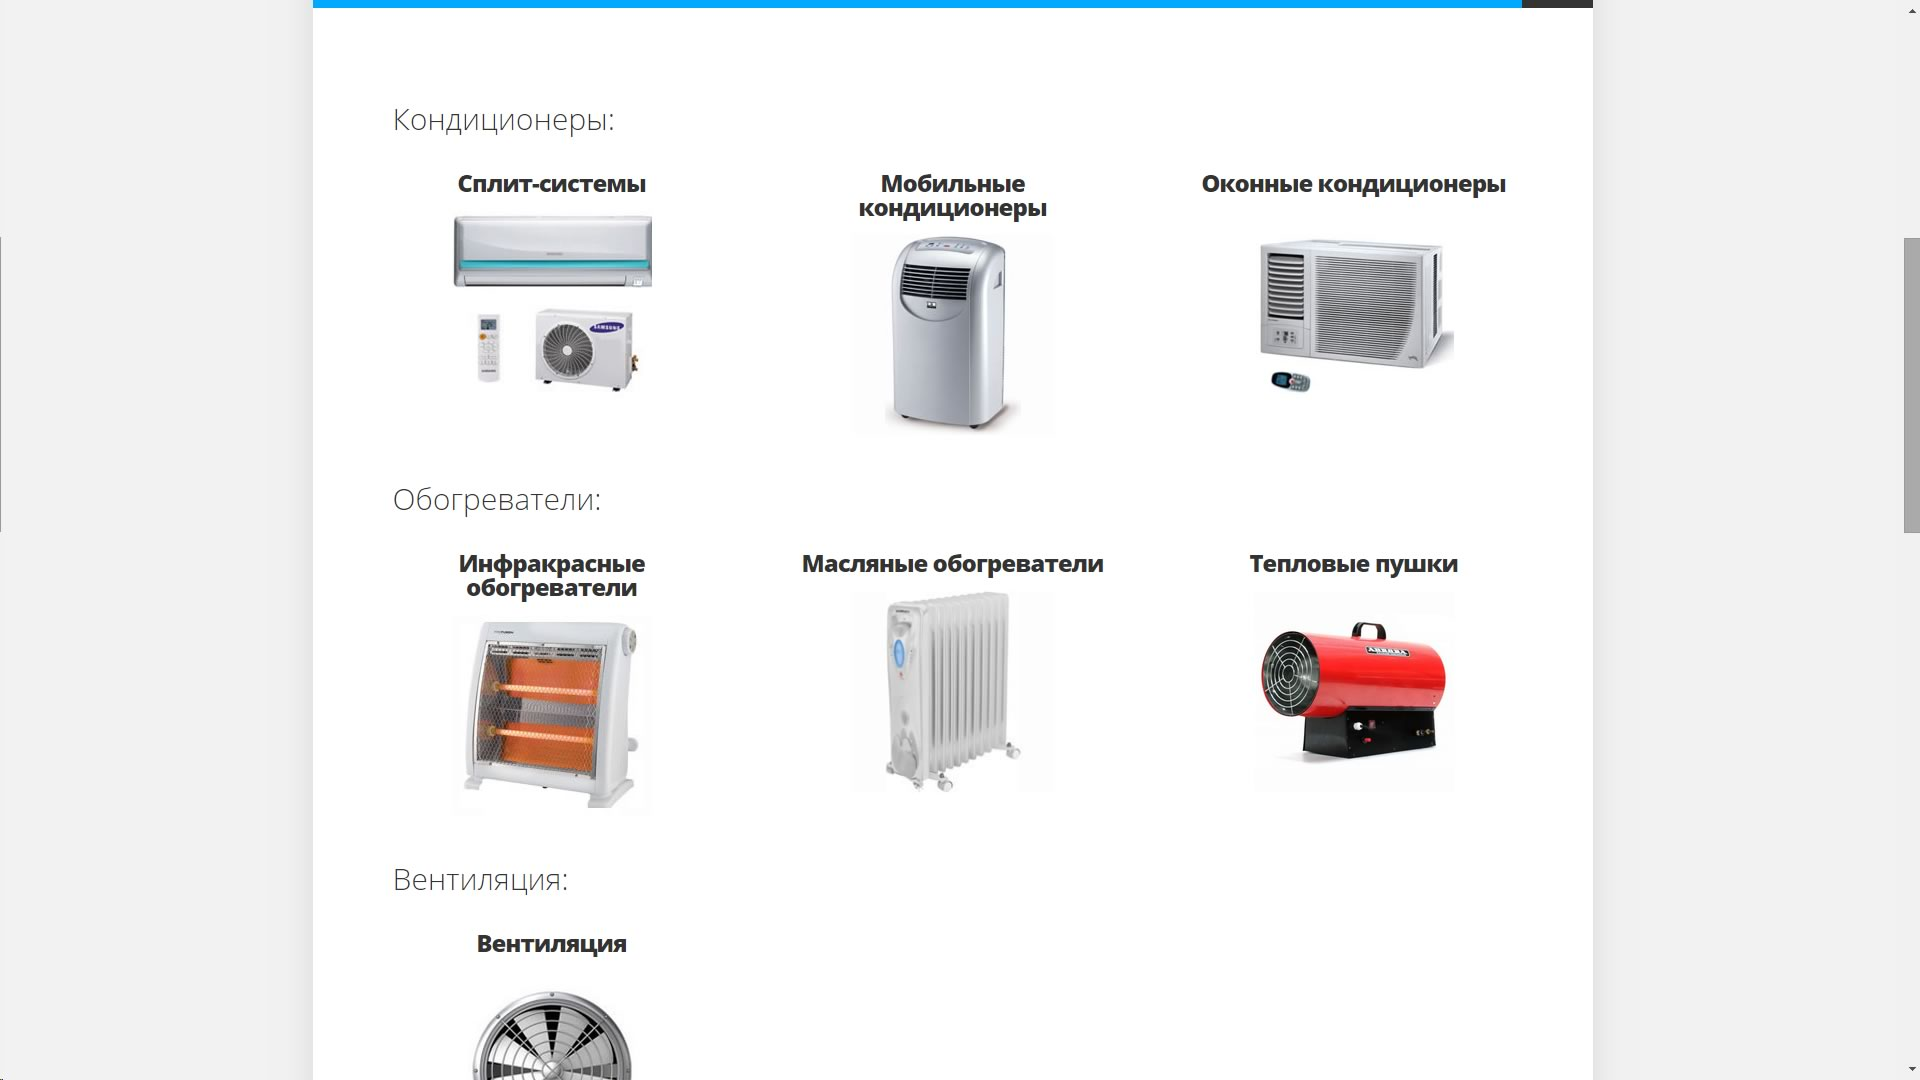 Создание сайта vspk-s.ru (2)